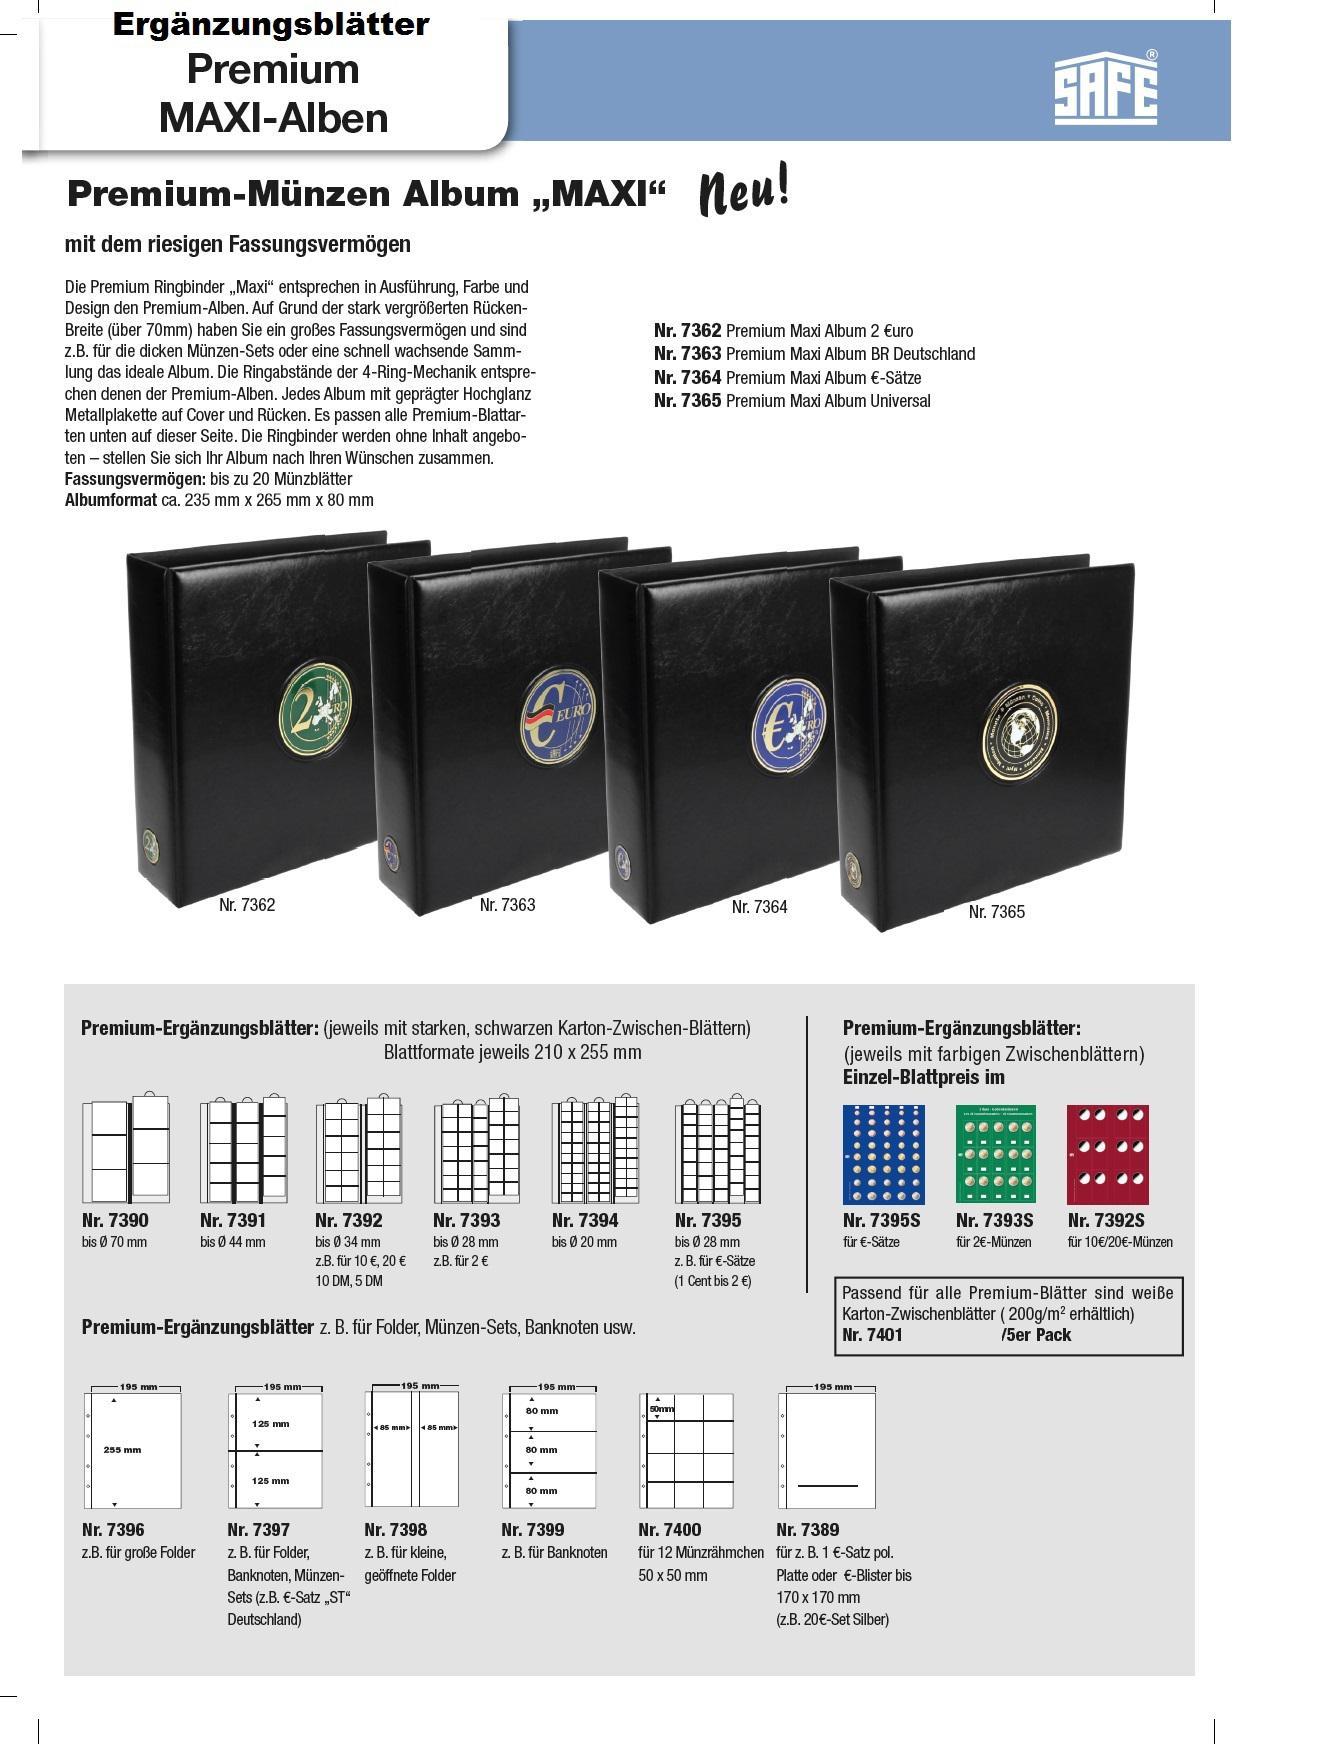 10 X Safe 7395 Premium Münzhüllen Ergänzungsblätter Für 5 Euro